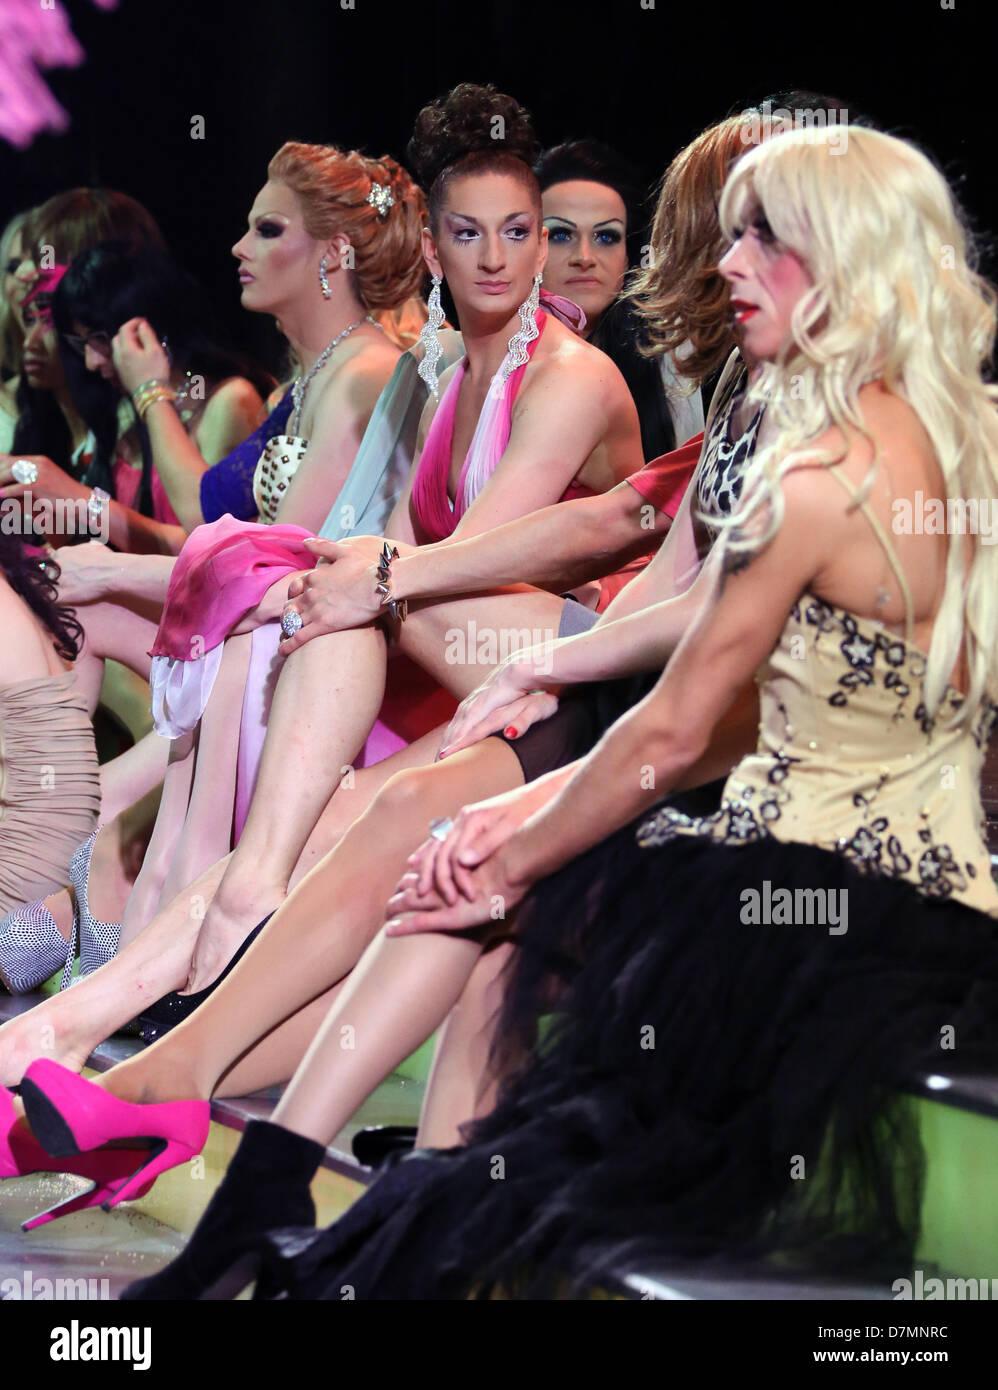 Männer als Frauen auf der Bühne sitzen und warten auf die